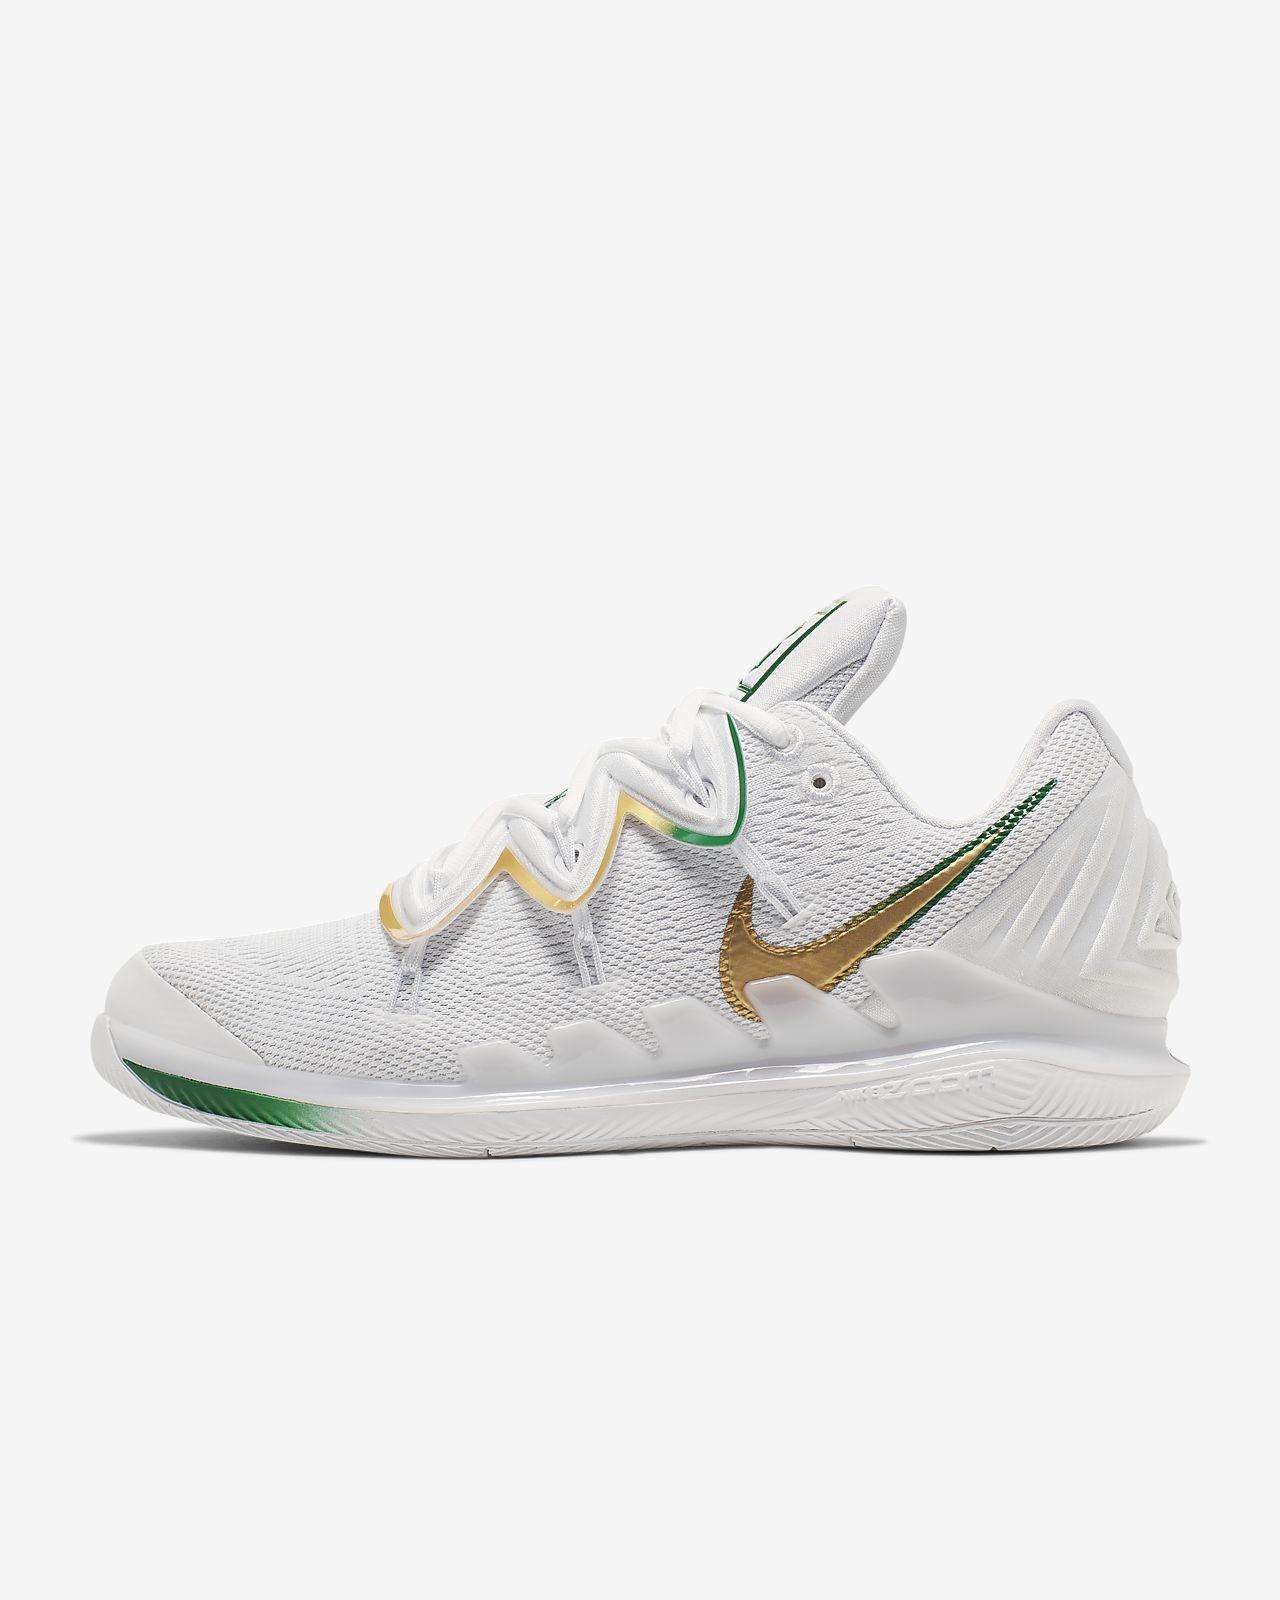 Męskie buty do tenisa na twarde korty NikeCourt Air Zoom Vapor X Kyrie 5